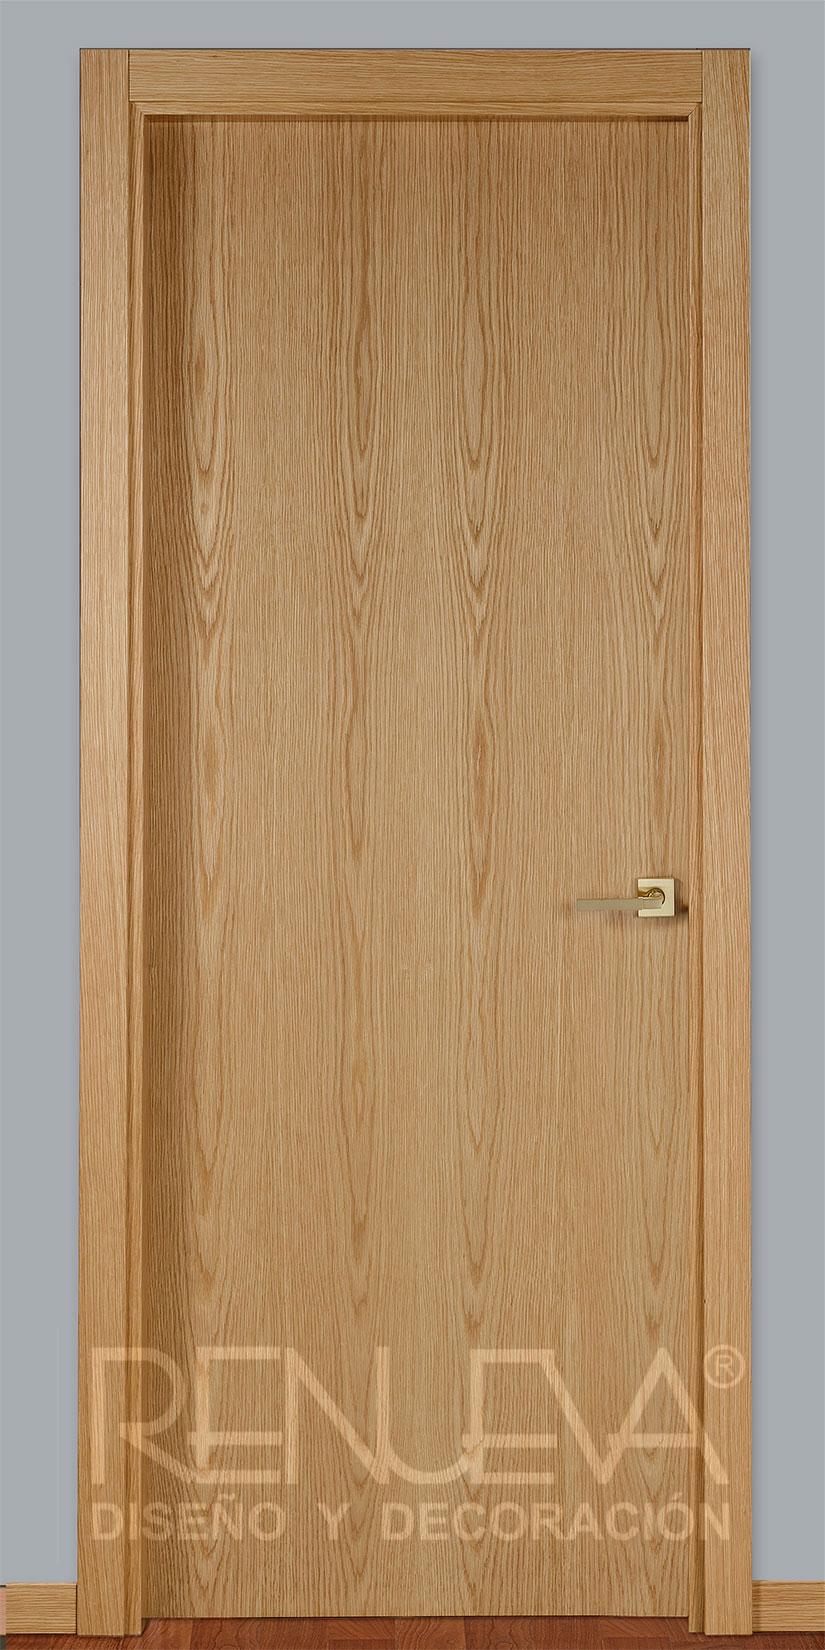 Puertas economicas de madera puertas baratas la contra for Puertas madera economicas